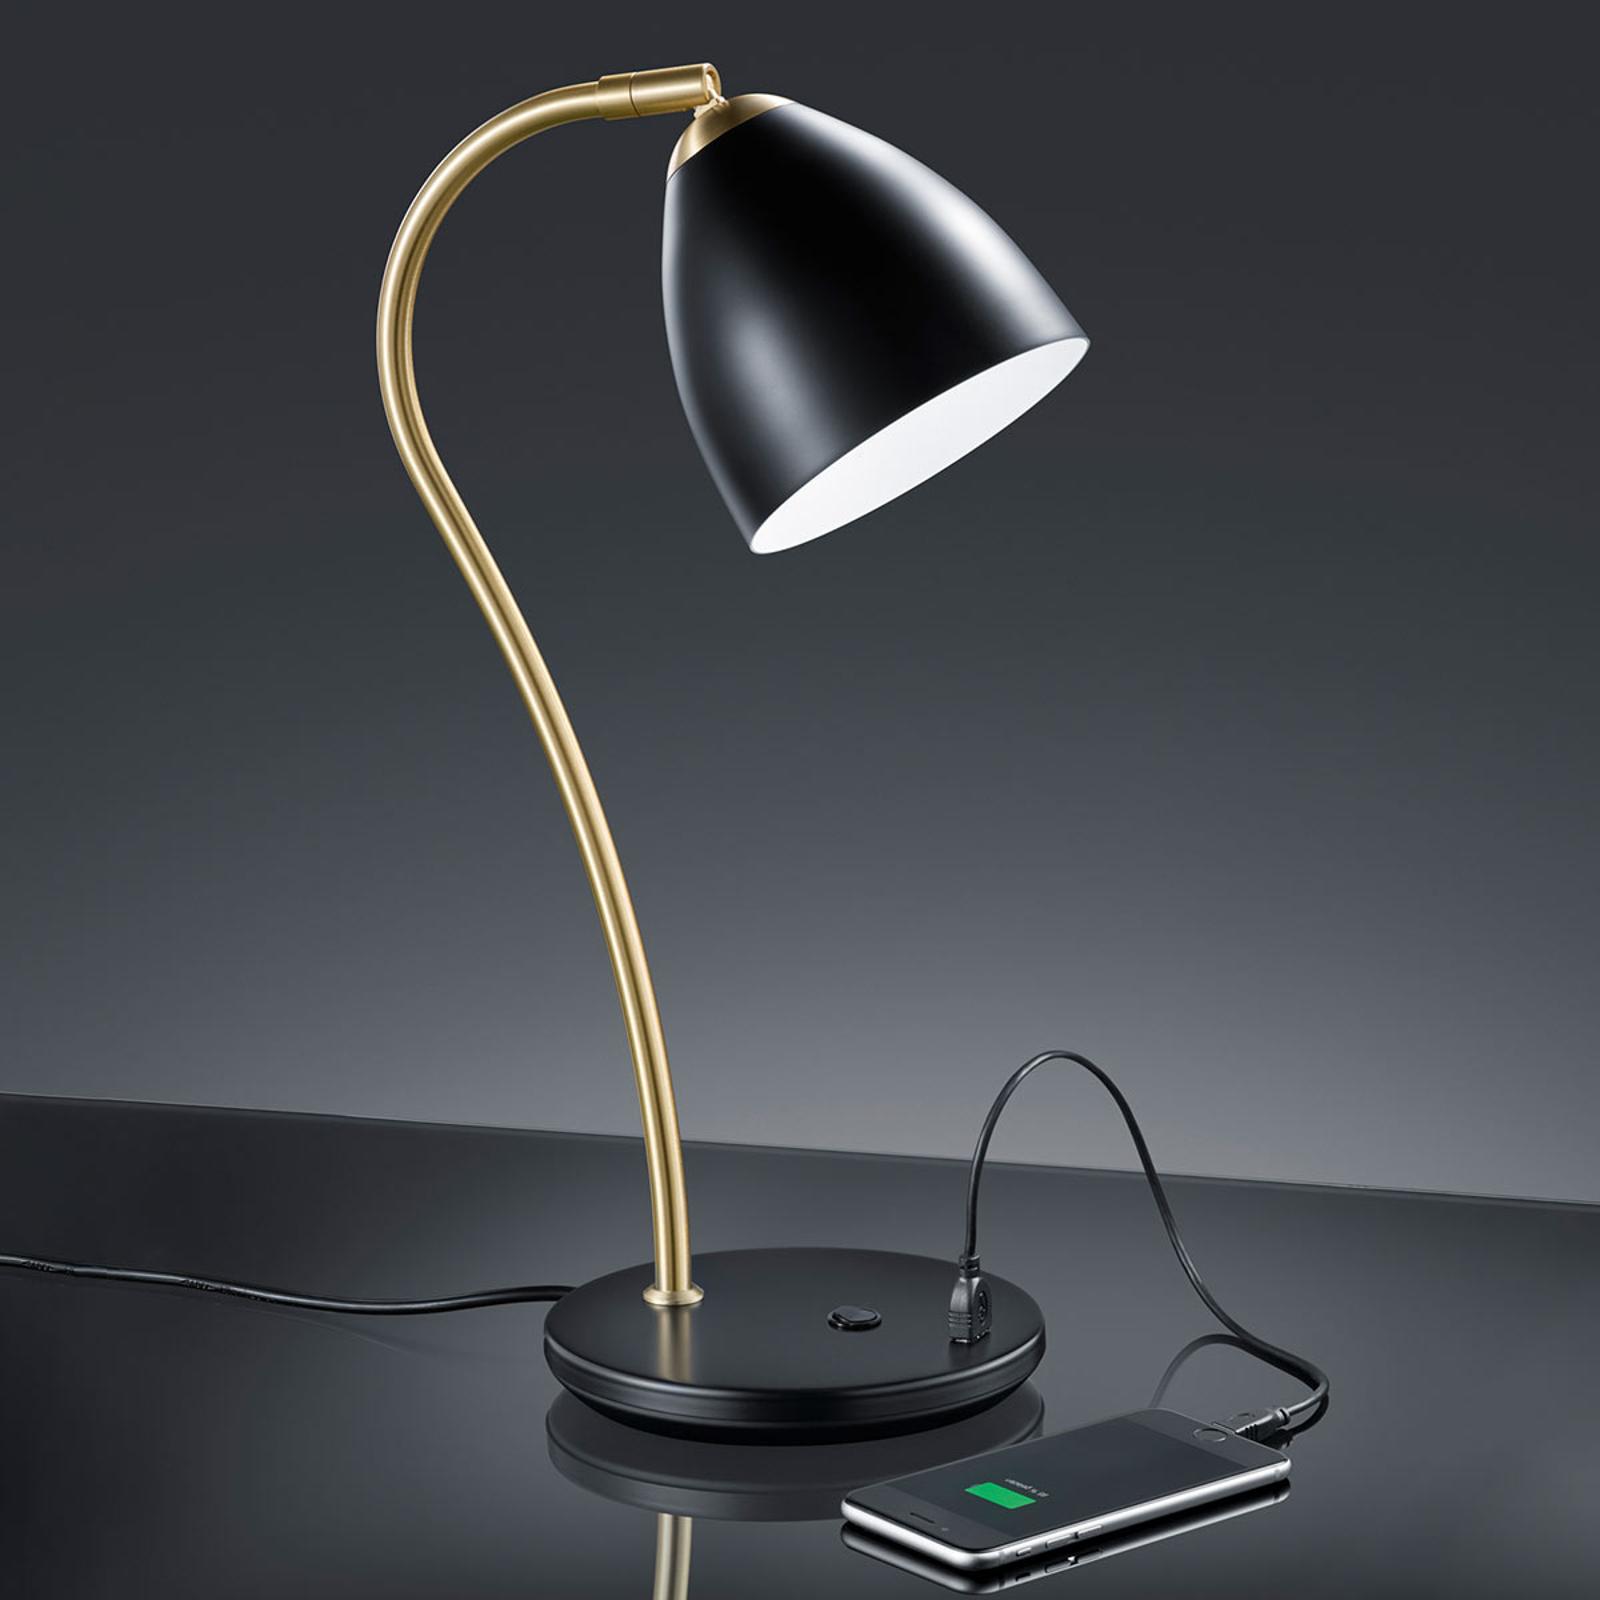 Baulmann 14.249 Tischlampe mit USB-Port schwarz